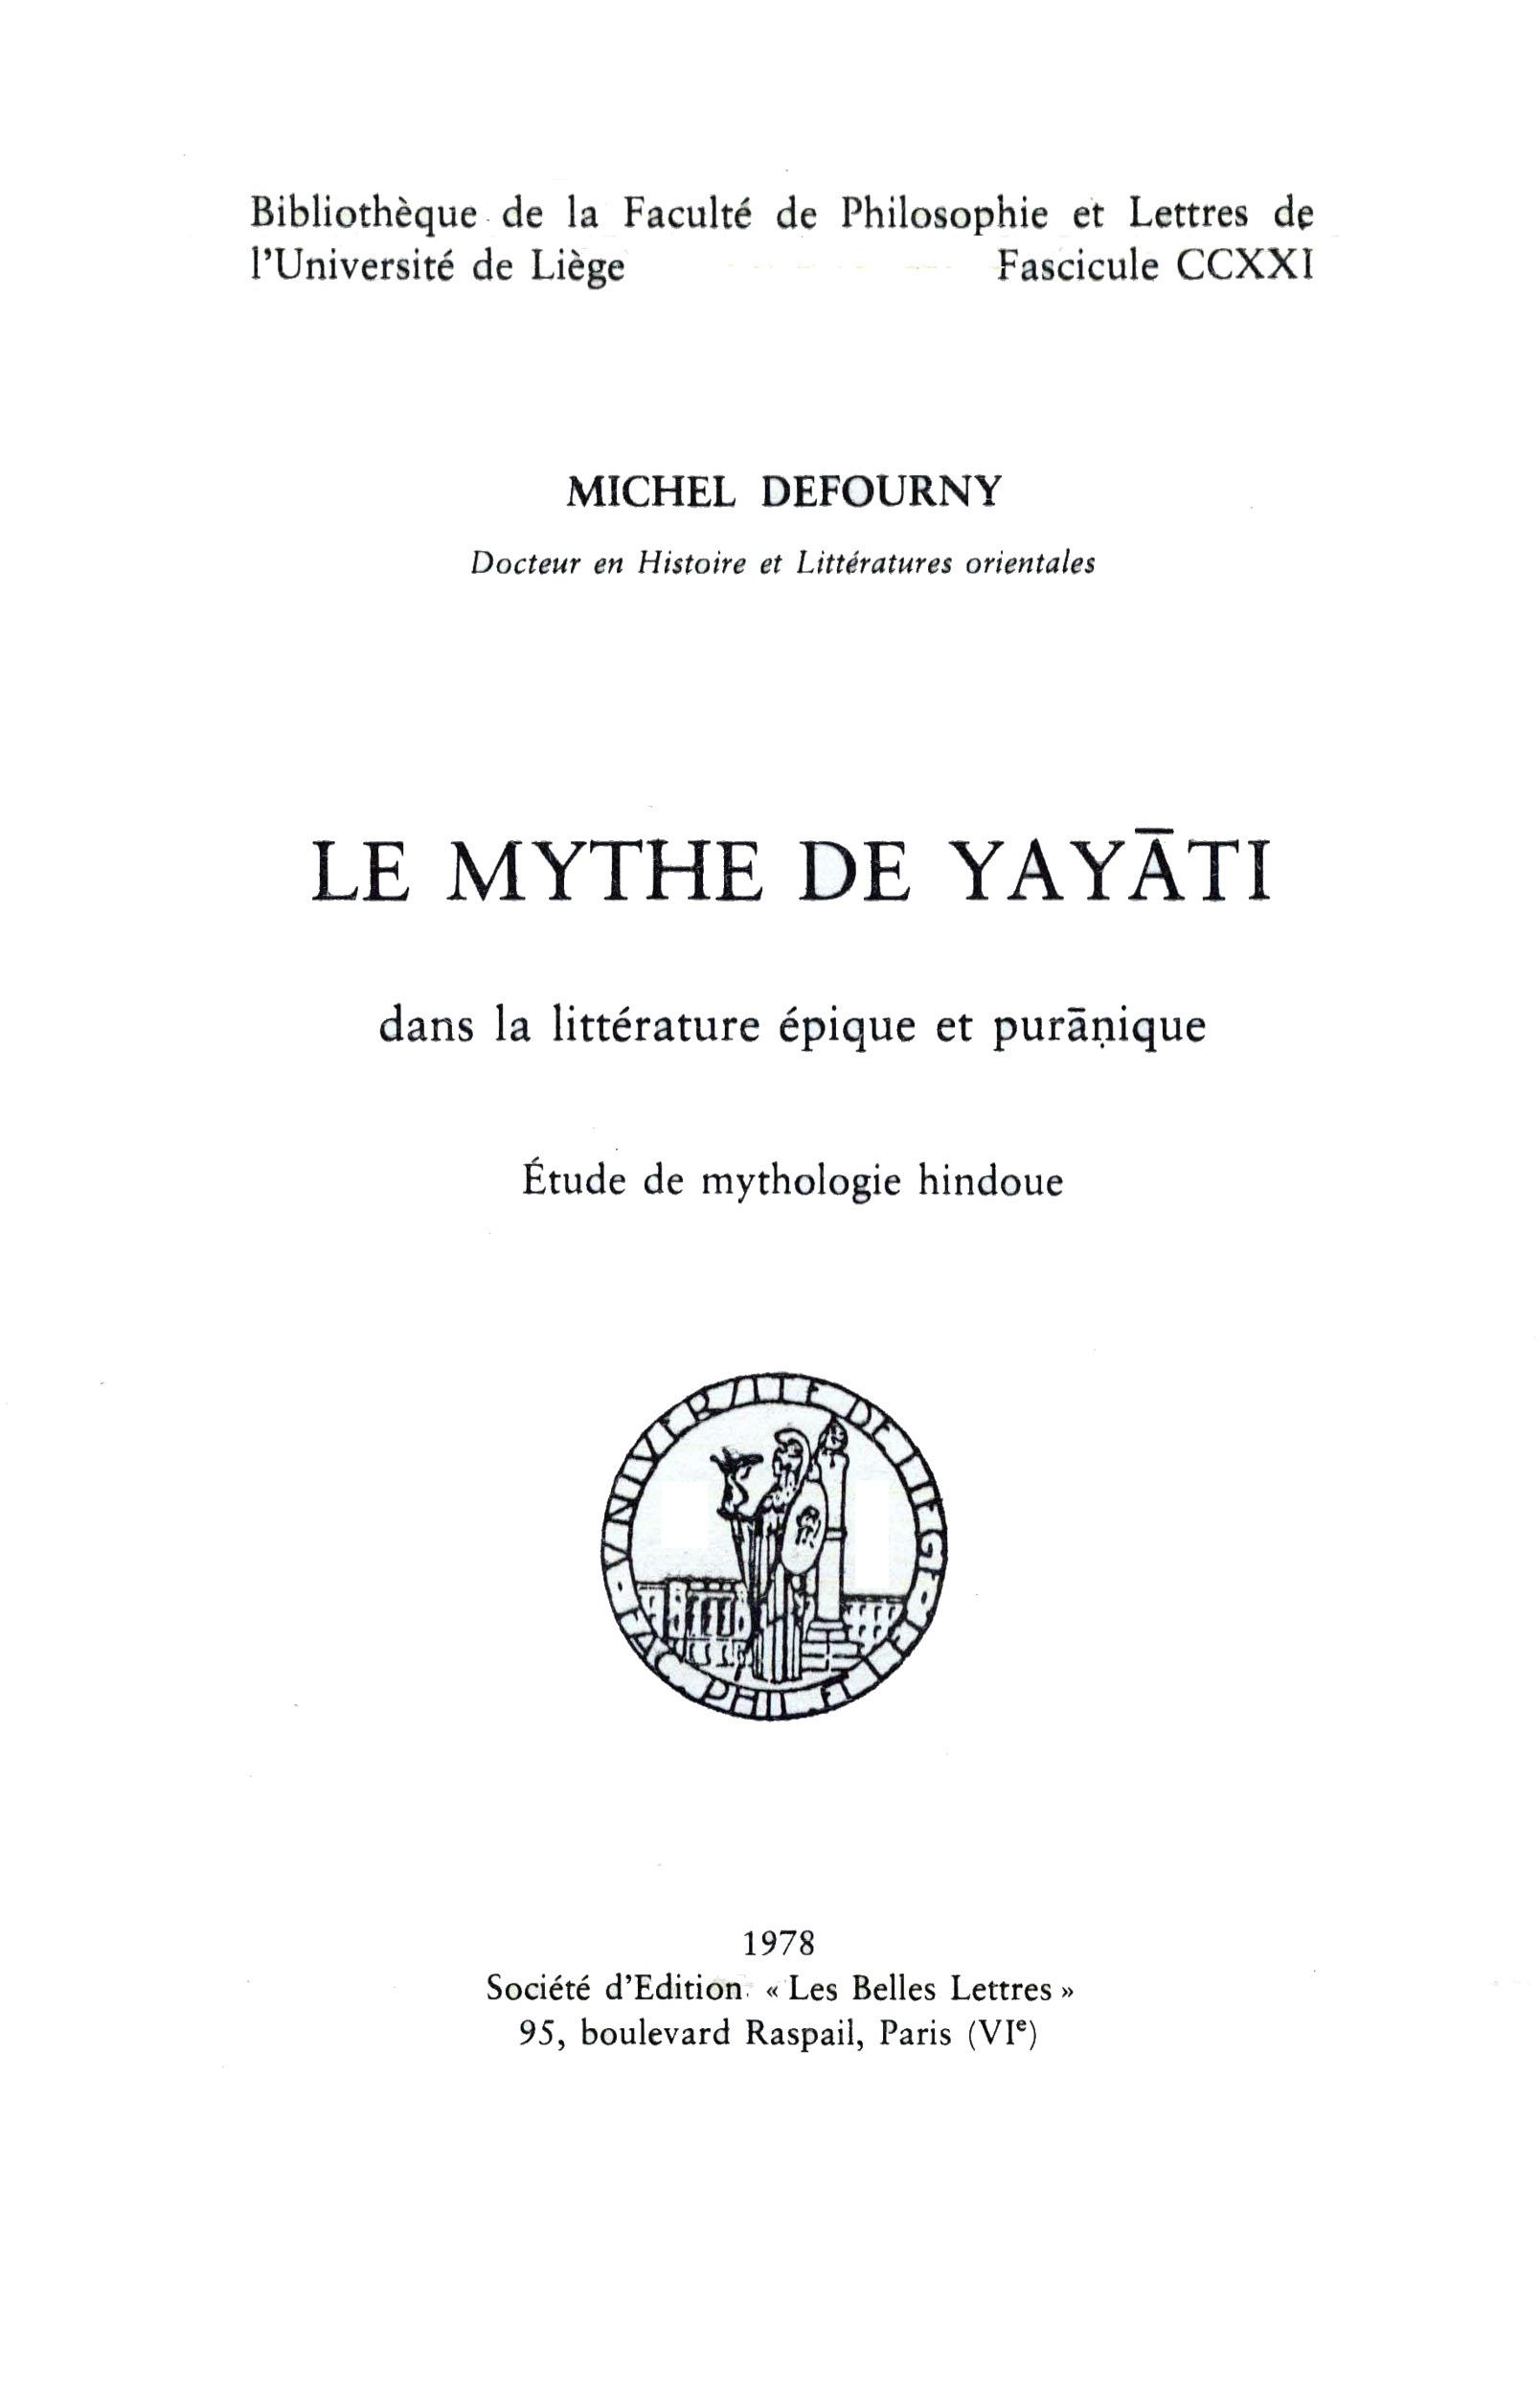 Le mythe de yayati dans la litterature epique et puranique : etude de mythologie hindoue